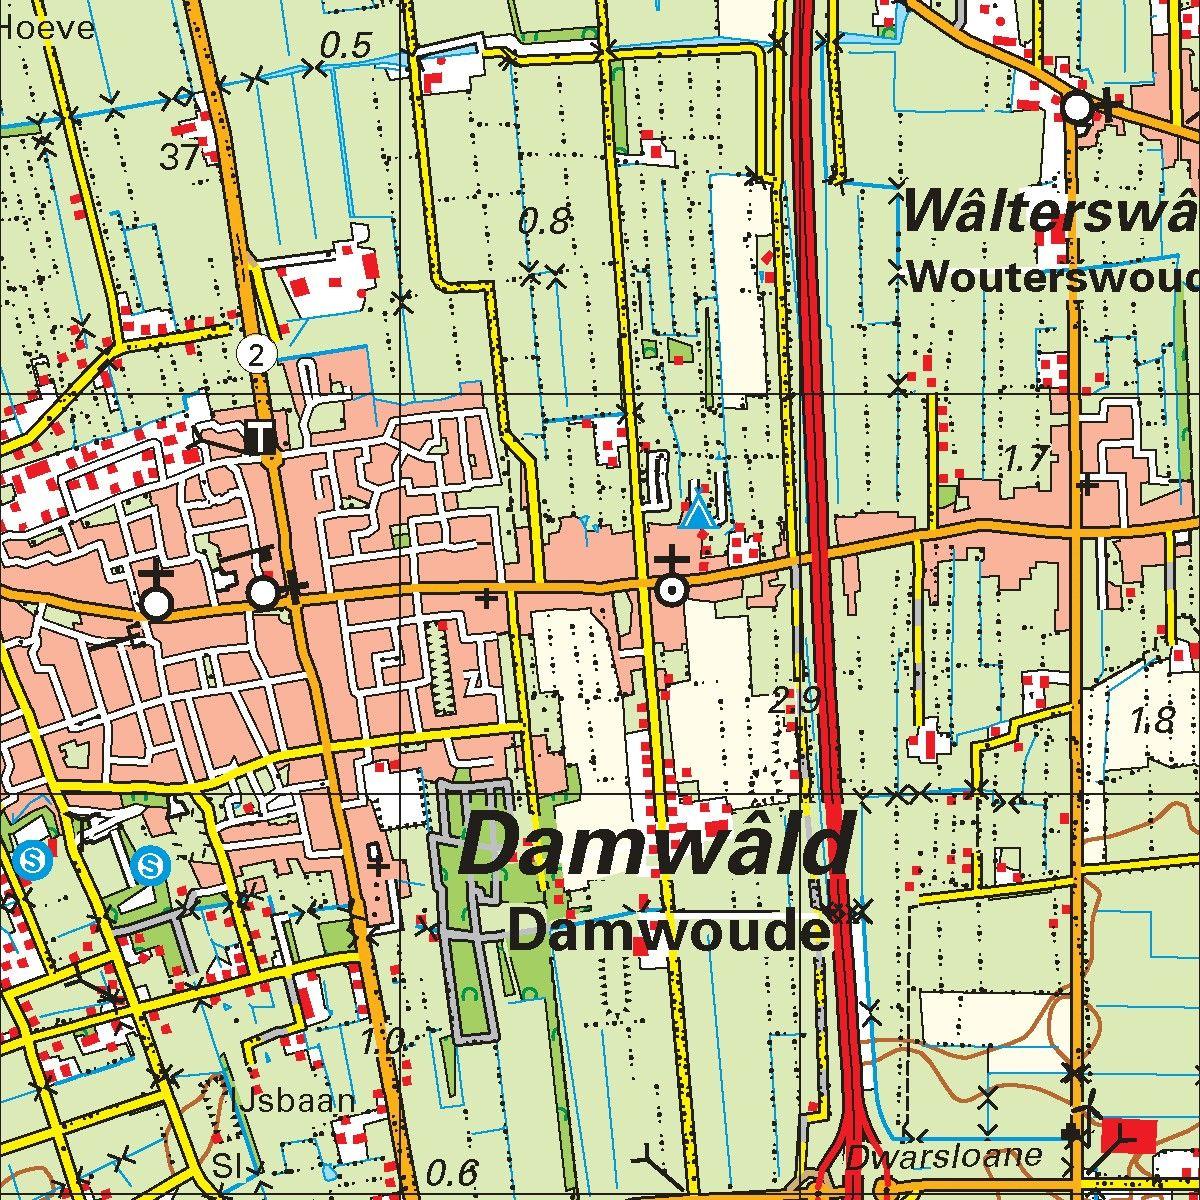 Topografische kaart schaal 1:50.000 (Ameland, Schiermonnikoog, Dokkum, Leeuwarden)